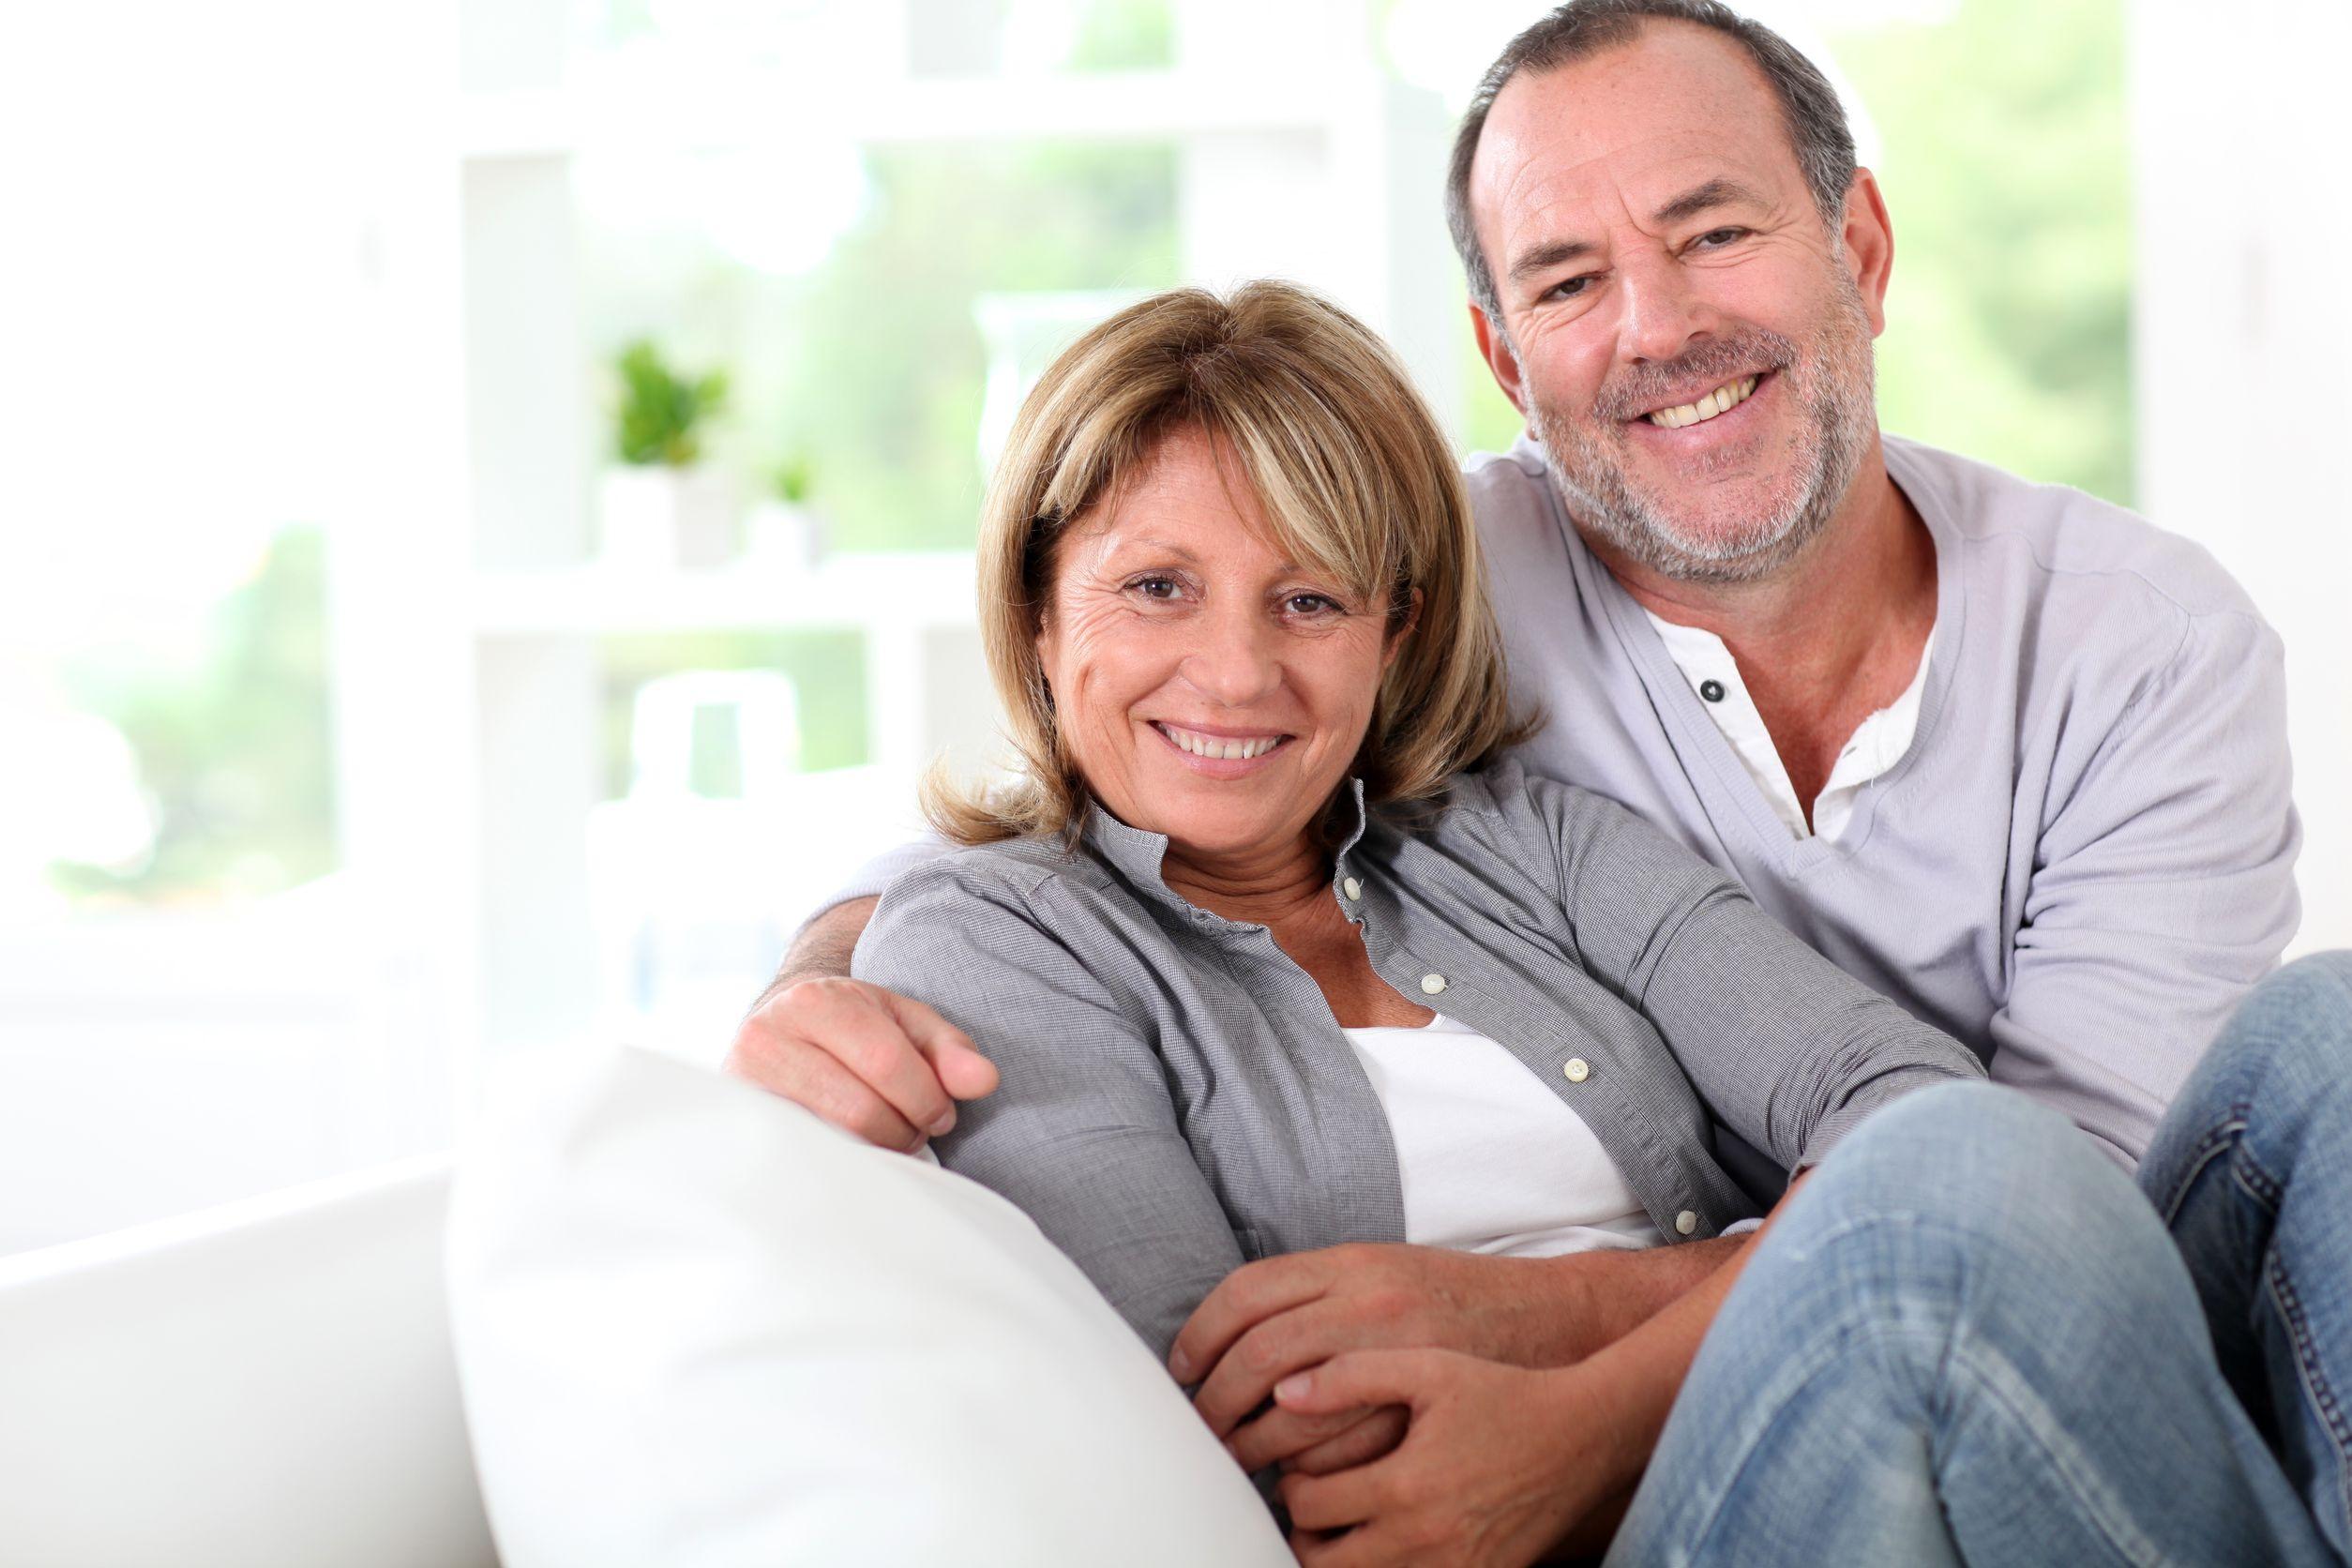 Rencontre amoureuse apres 50 ans